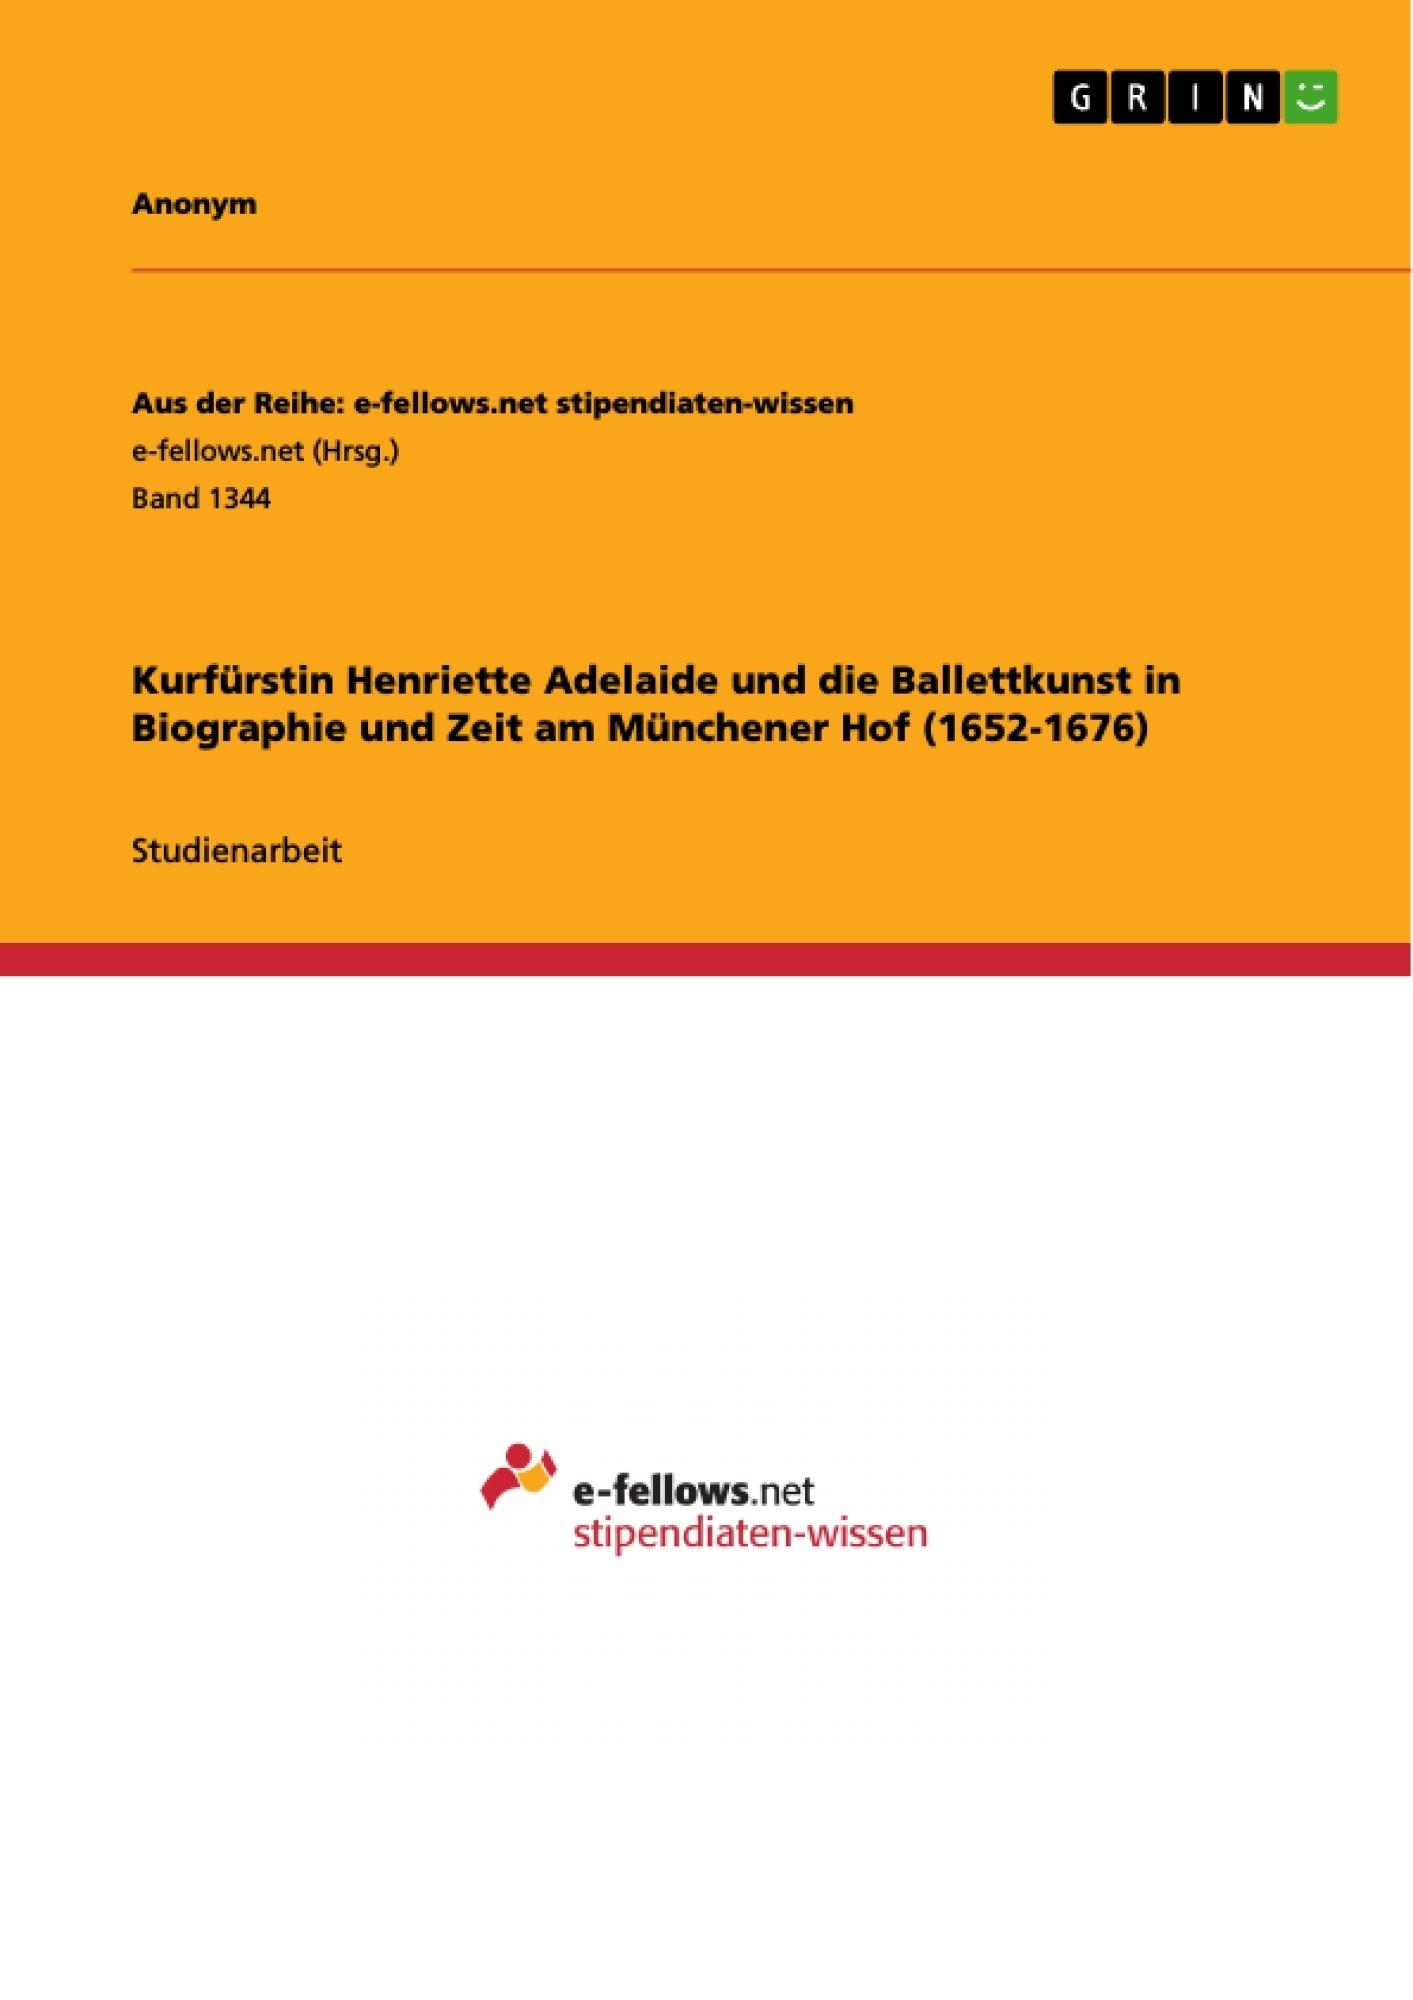 Titel: Kurfürstin Henriette Adelaide und die Ballettkunst in Biographie und Zeit am Münchener Hof (1652-1676)